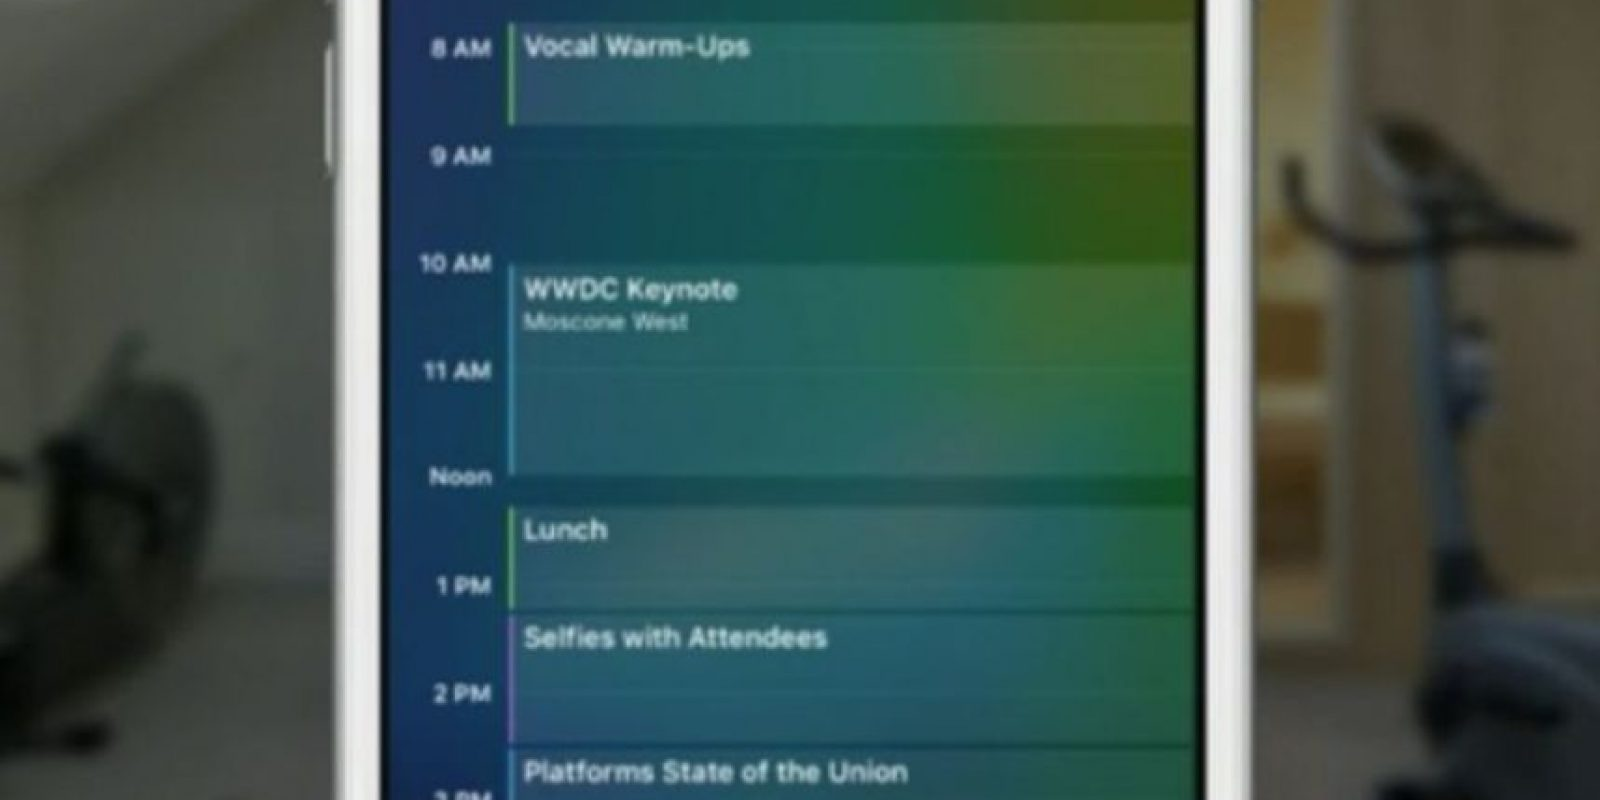 La nueva fuente San Francisco, que fue estrenada en el Apple Watch, se agregó para iPhone y iPad como la escritura por defecto. Foto:Apple